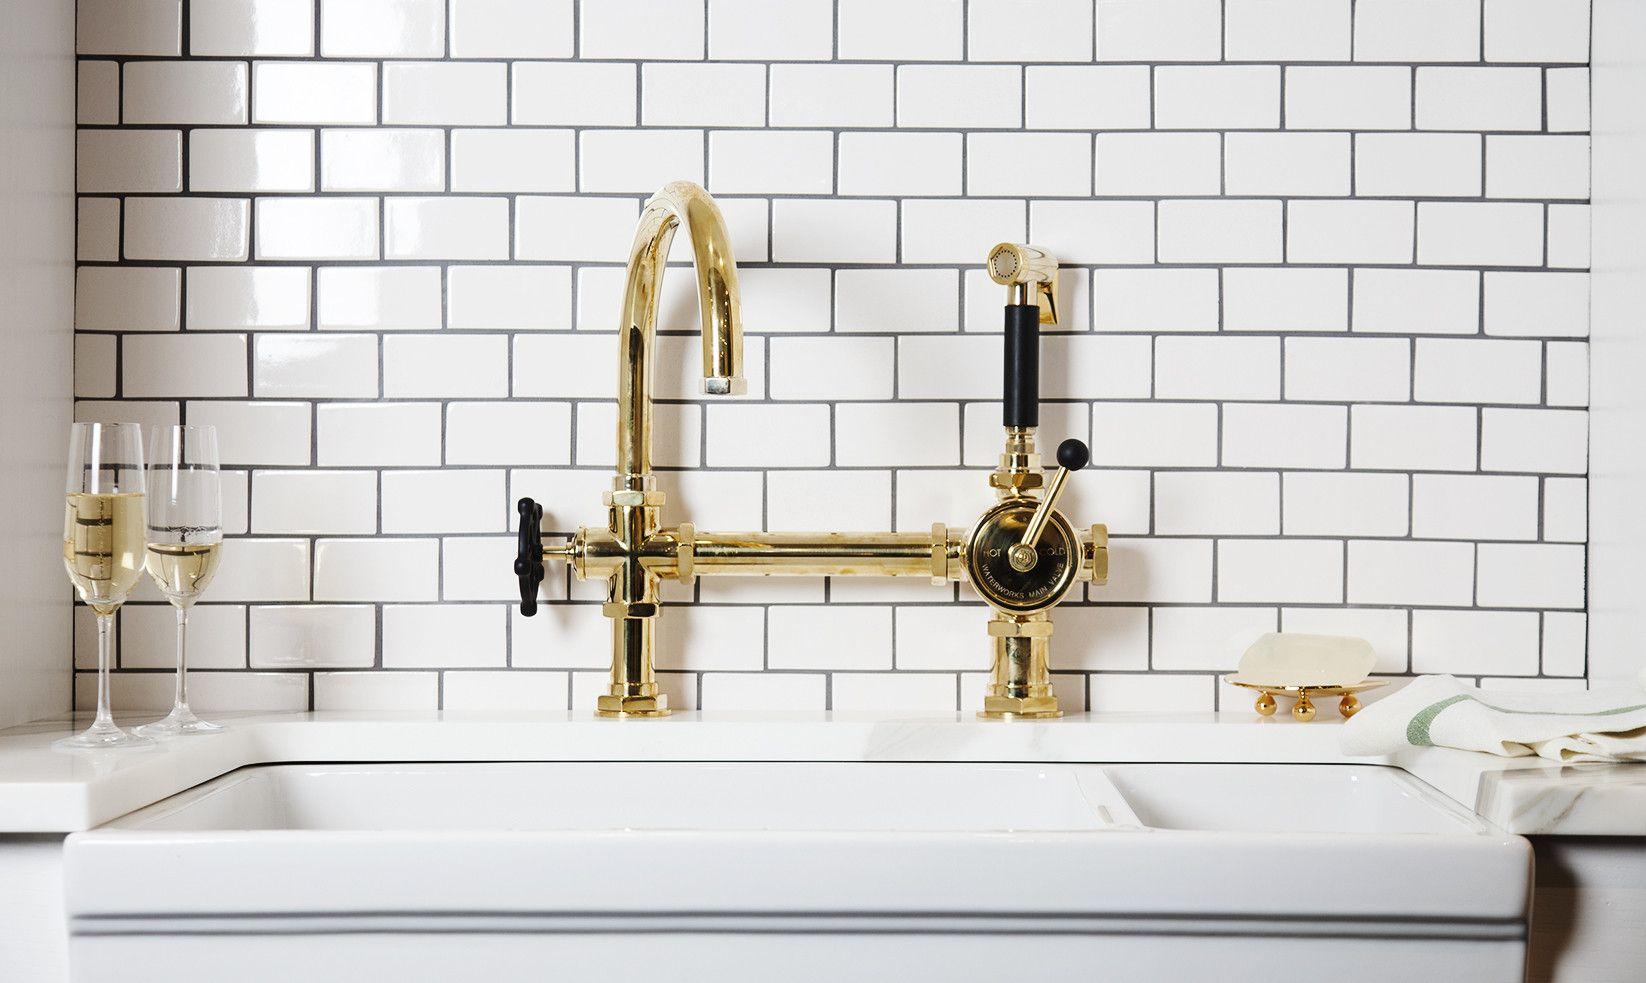 The Month S Top Finds Dec 2014 Jan 2015 Lonny Kitchen Faucet